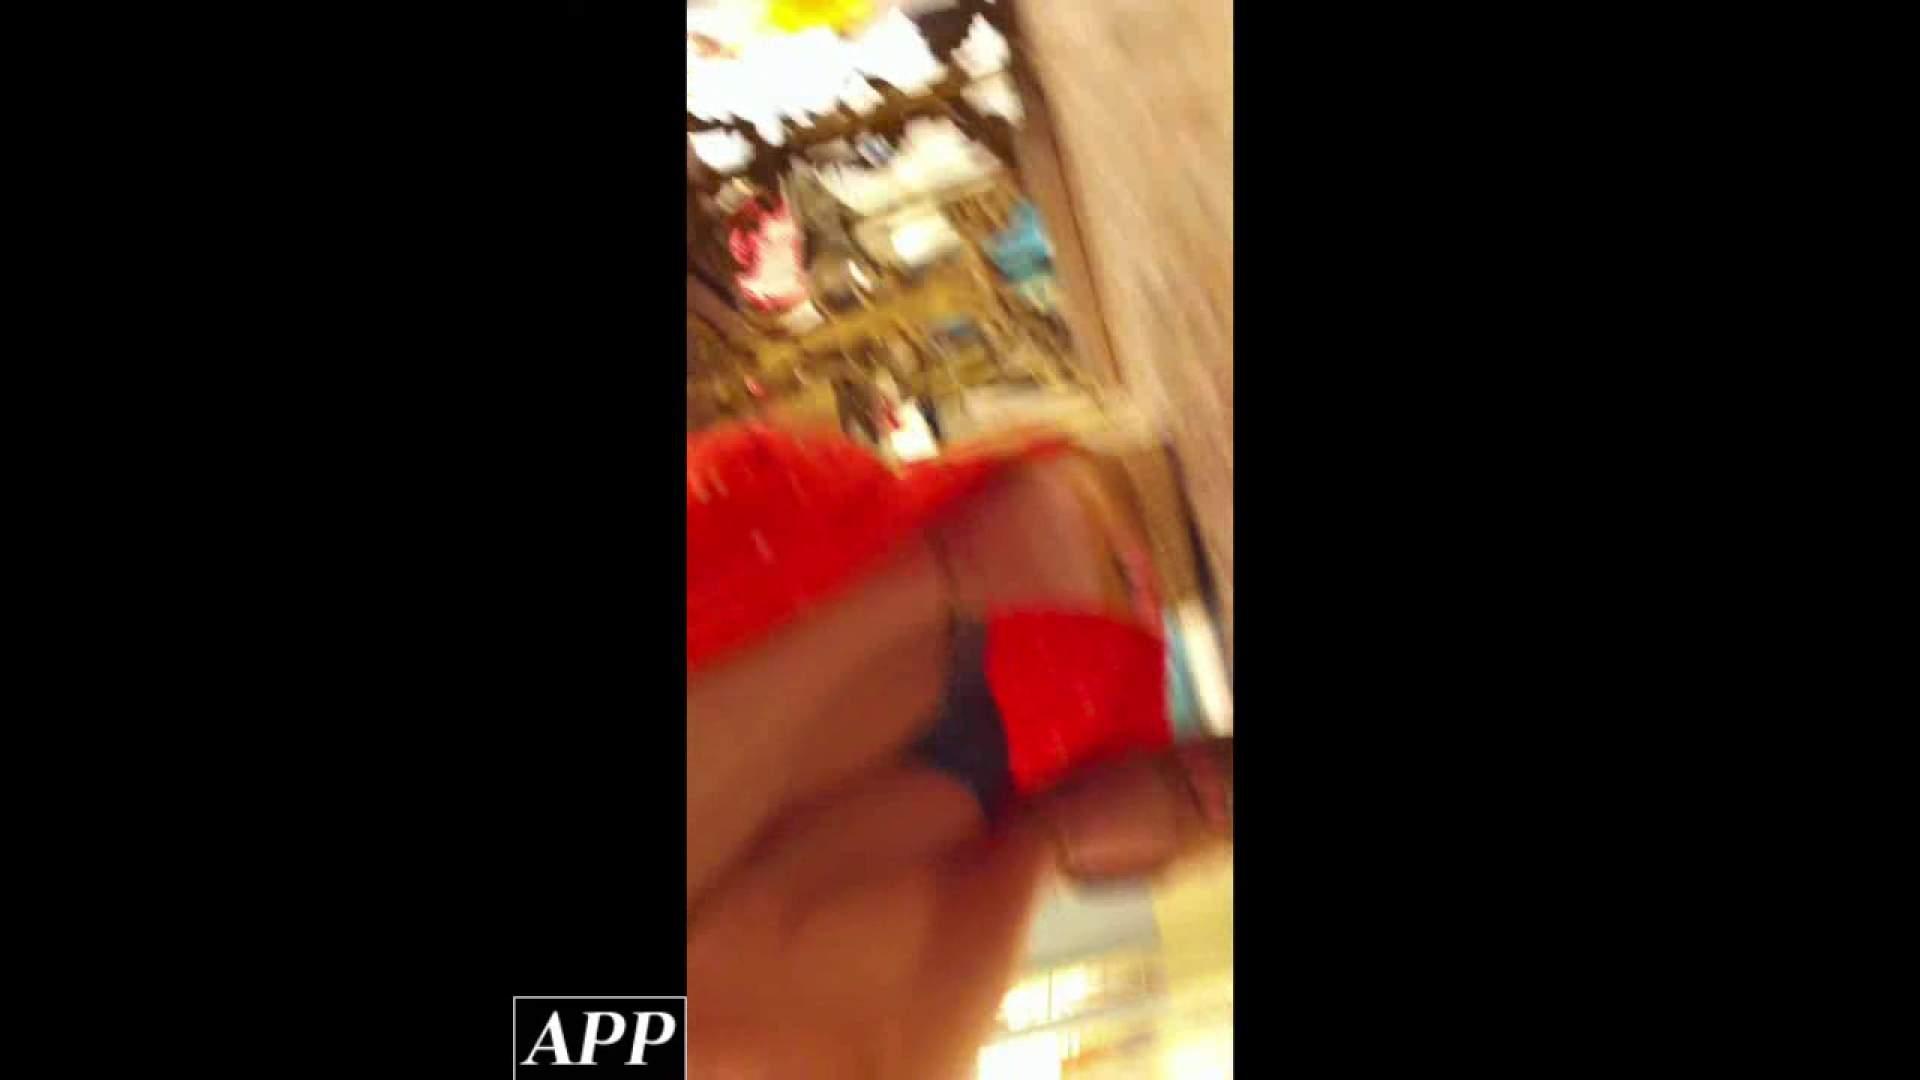 ハイビジョン盗撮!ショップ店員千人斬り!胸チラ編 vol.86 チクビ おまんこ無修正動画無料 54枚 11